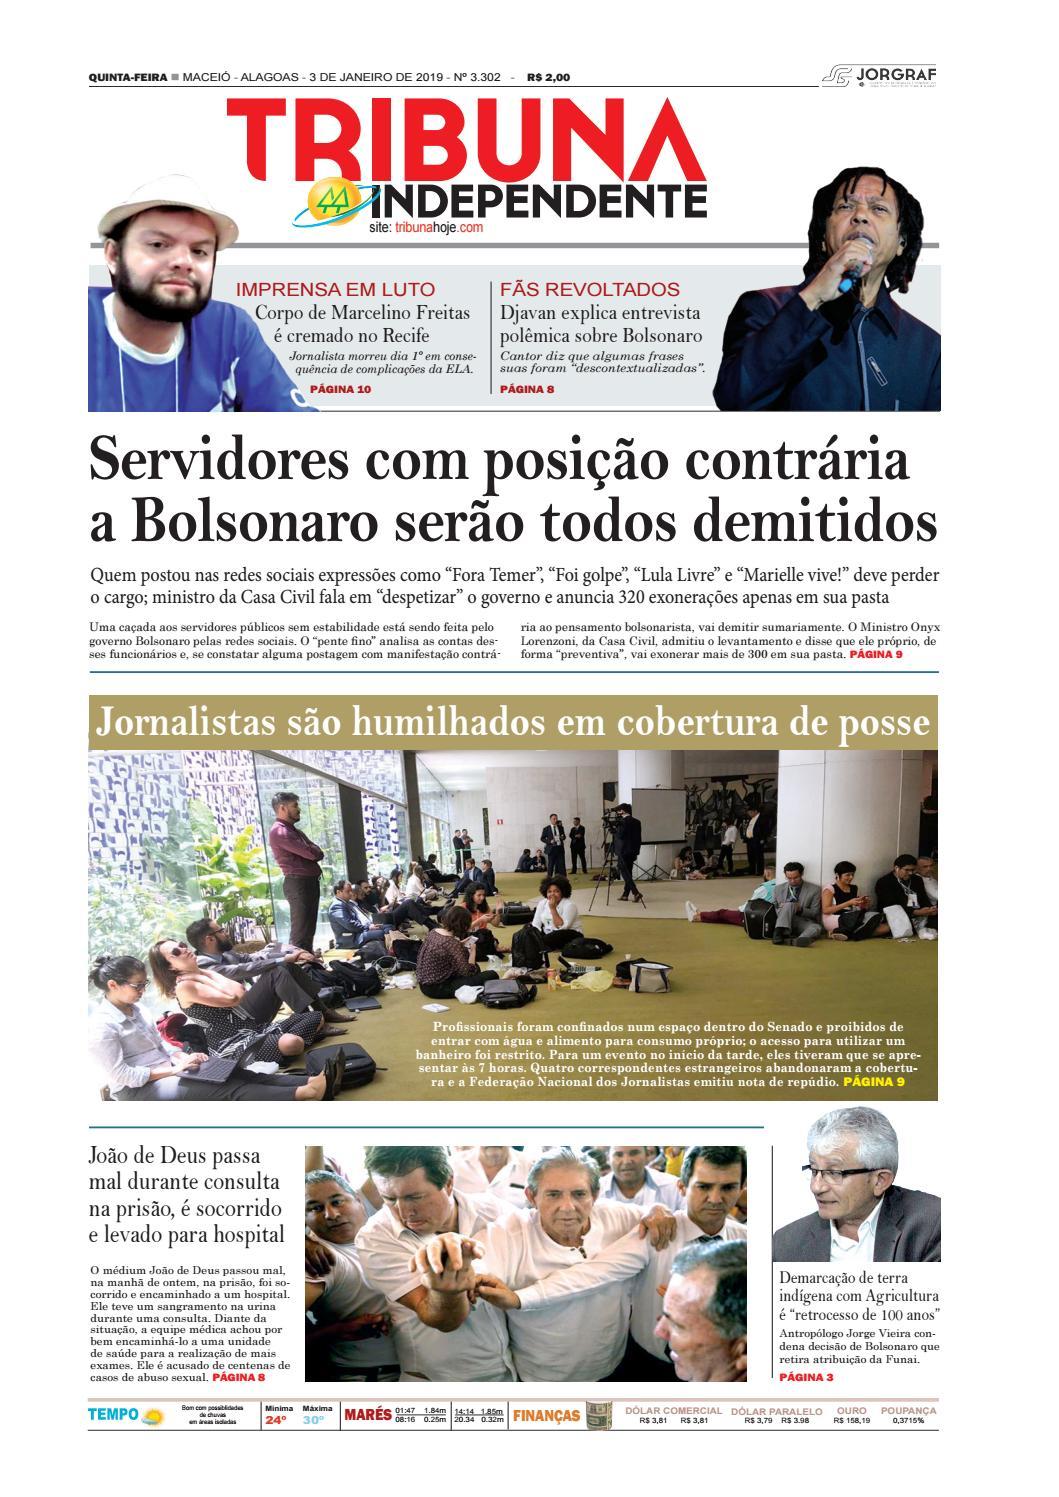 Edição número 3302 - 3 de janeiro de 2019 by Tribuna Hoje - issuu 761b493431cb6